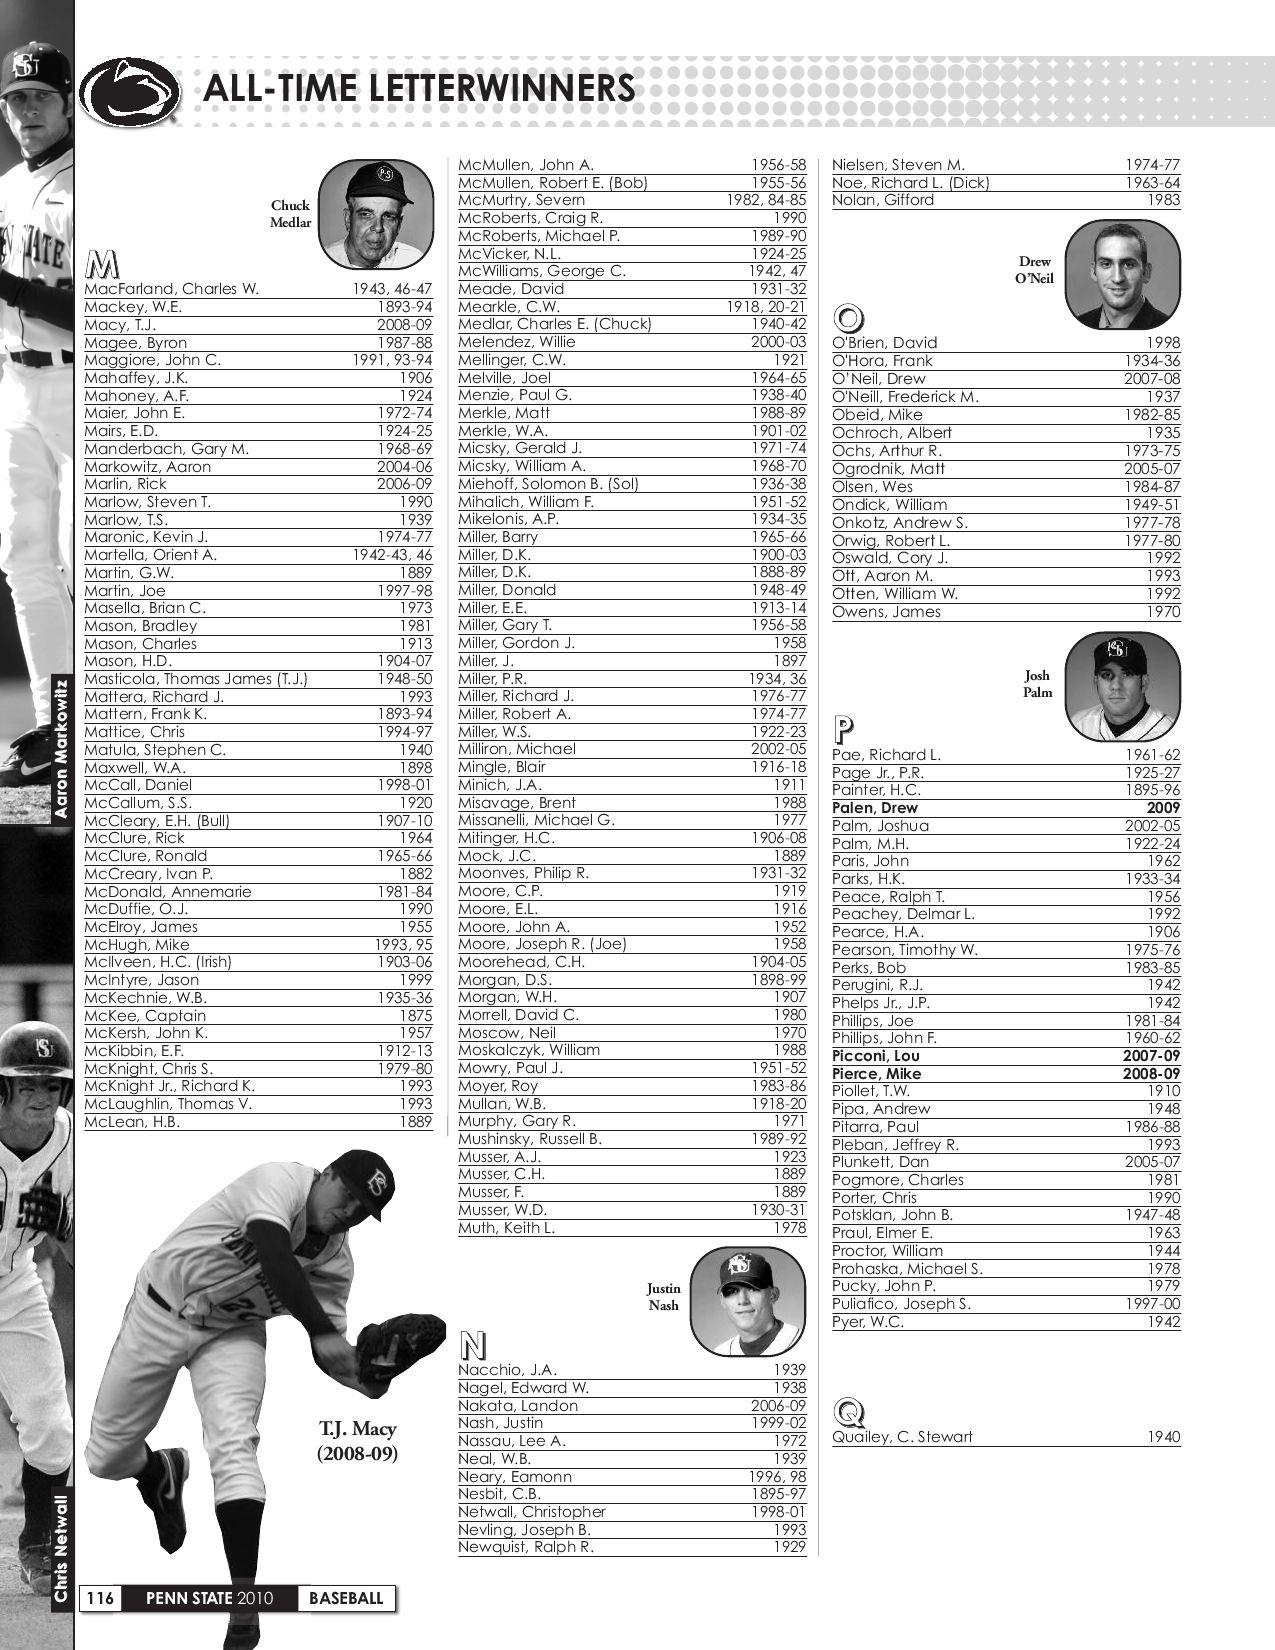 2009-10 Penn State Baseball Media Guide by Penn State